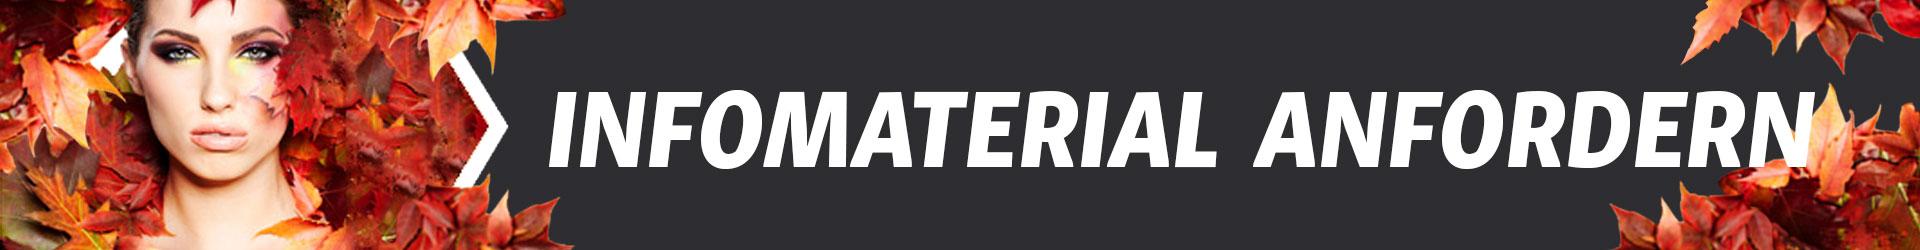 Infomaterial anfordern Banner - Farb- und Stilberater